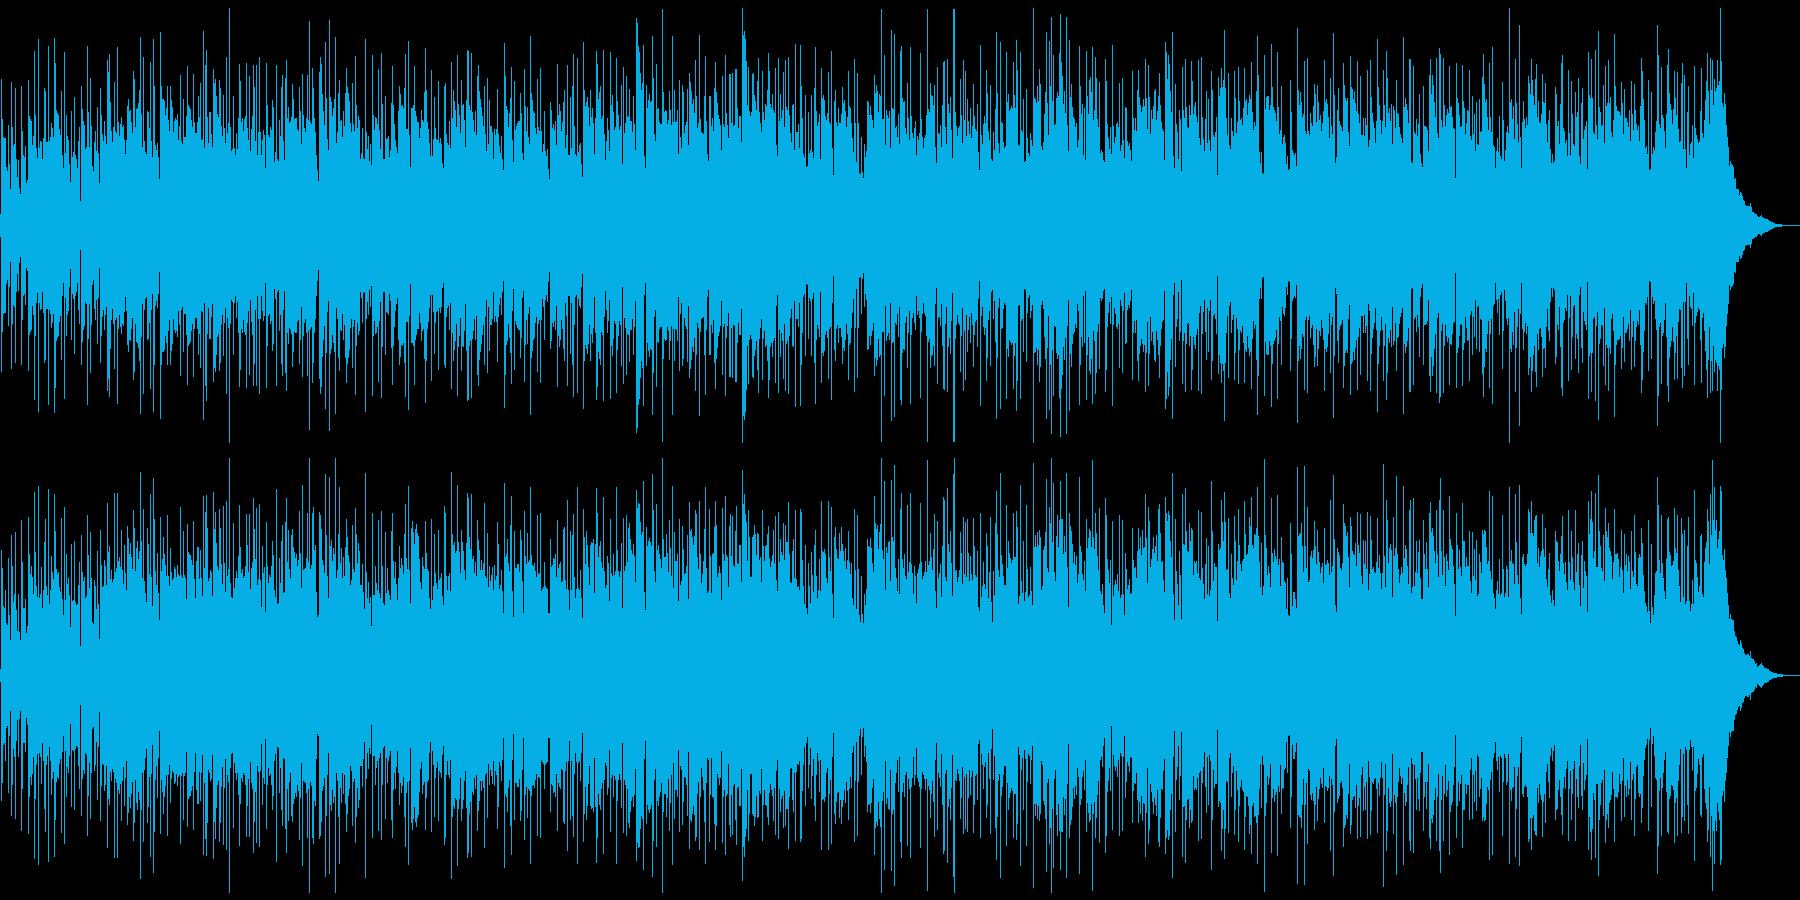 ギターソロがせつないロックバラードの再生済みの波形